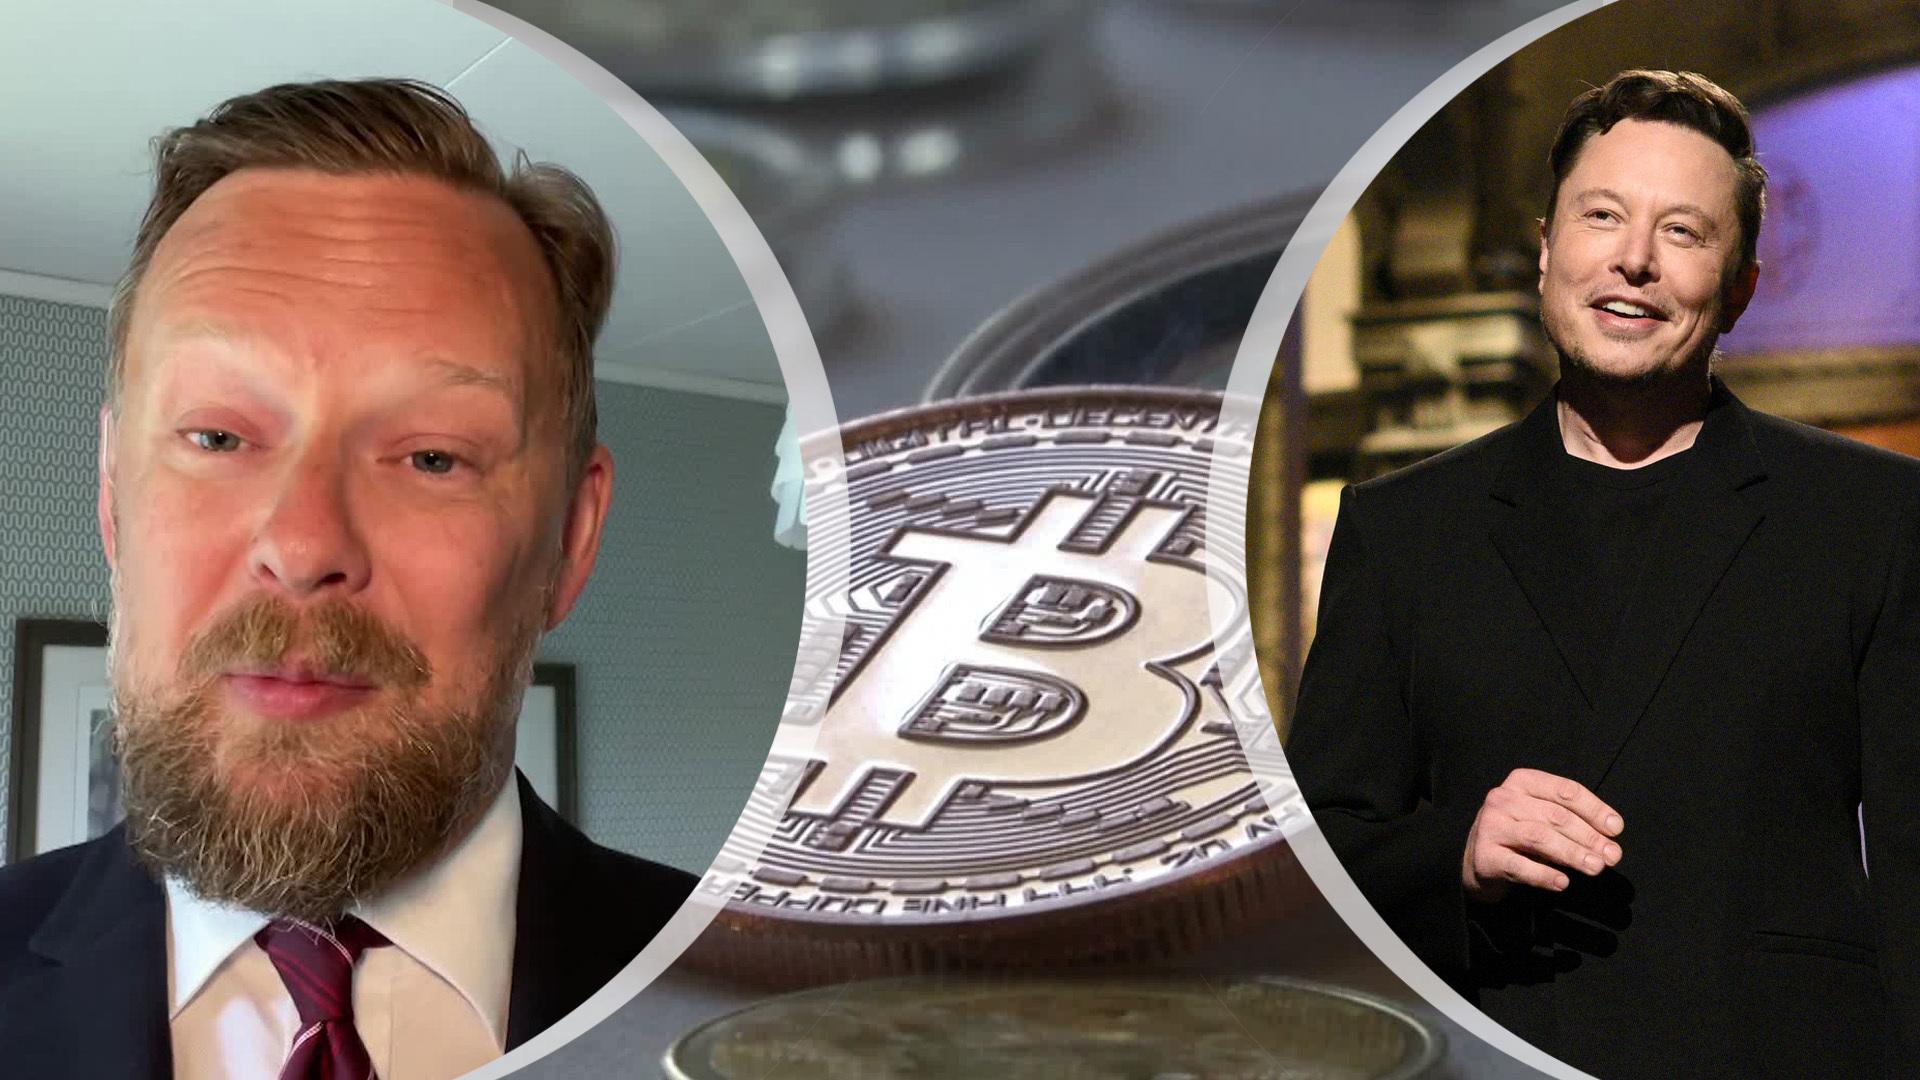 Varför påverkar Elon Musk värdet på Bitcoin? – Jens B Nordström förklarar